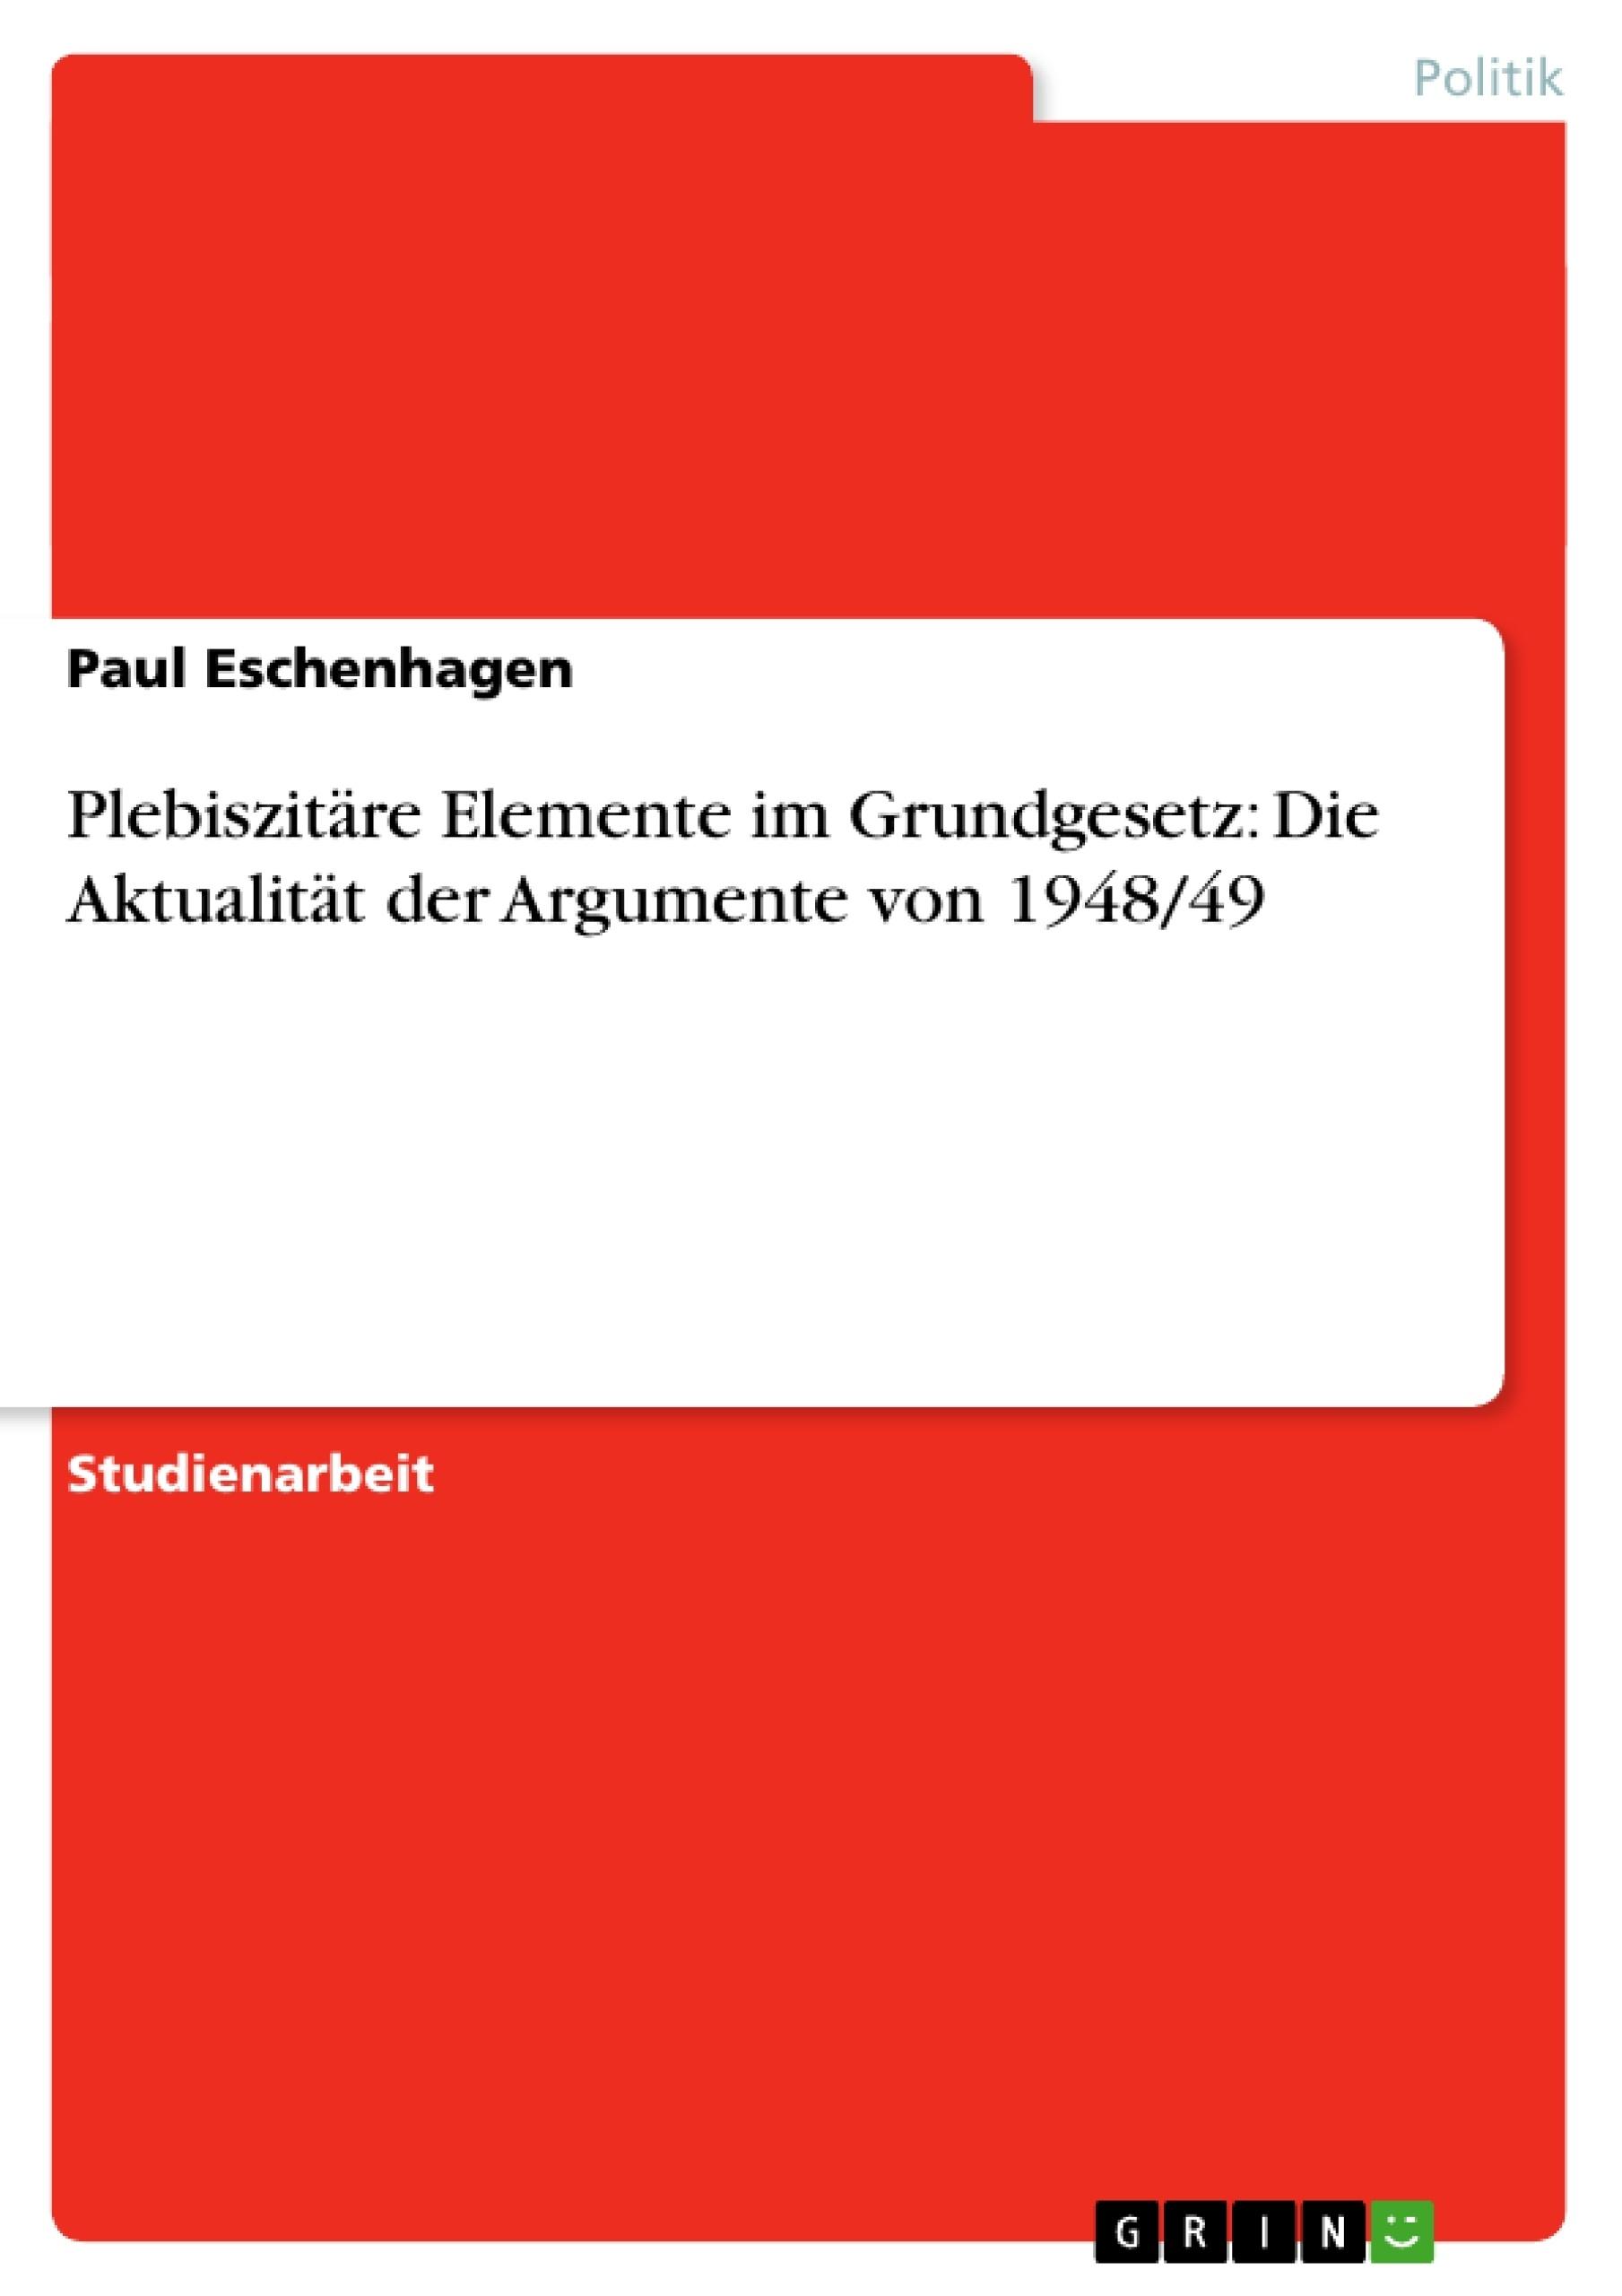 Titel: Plebiszitäre Elemente im Grundgesetz: Die Aktualität der Argumente von 1948/49